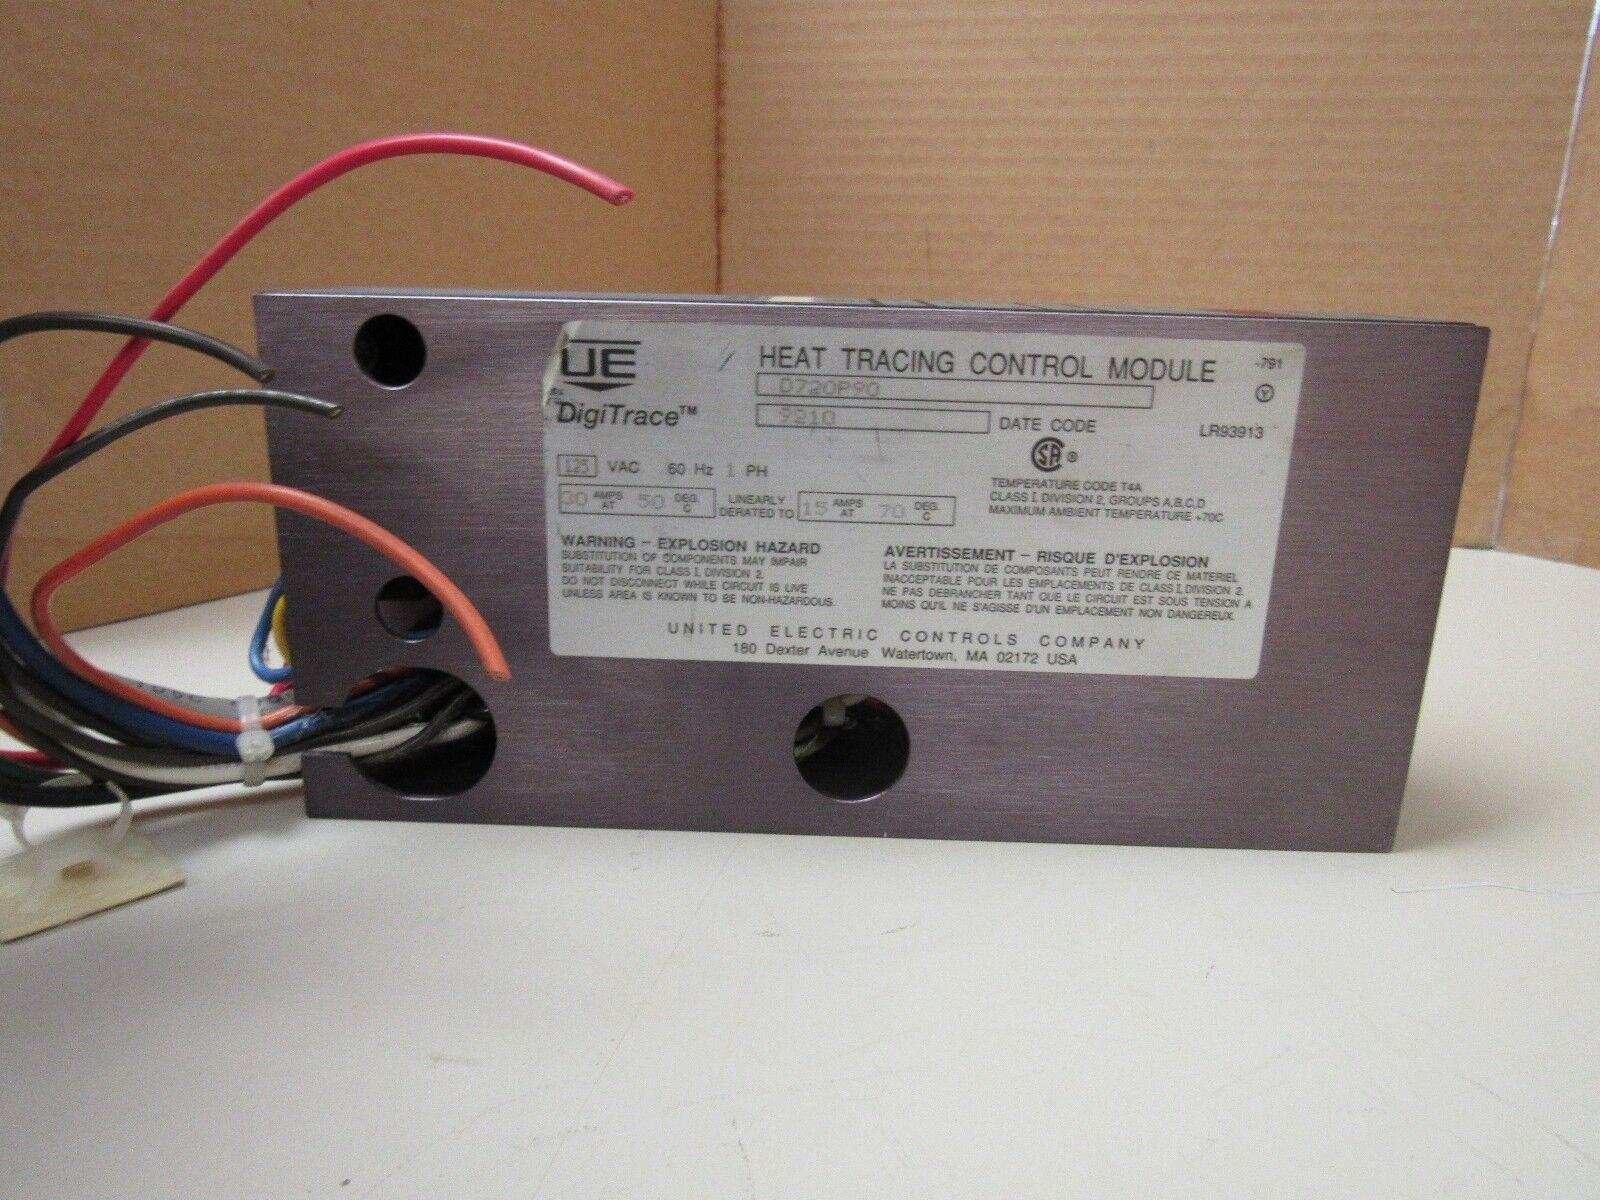 Beleuchtete Edelstahl Taster für den Einsatz in rauer Umgebung 2A 250V 1 Stück